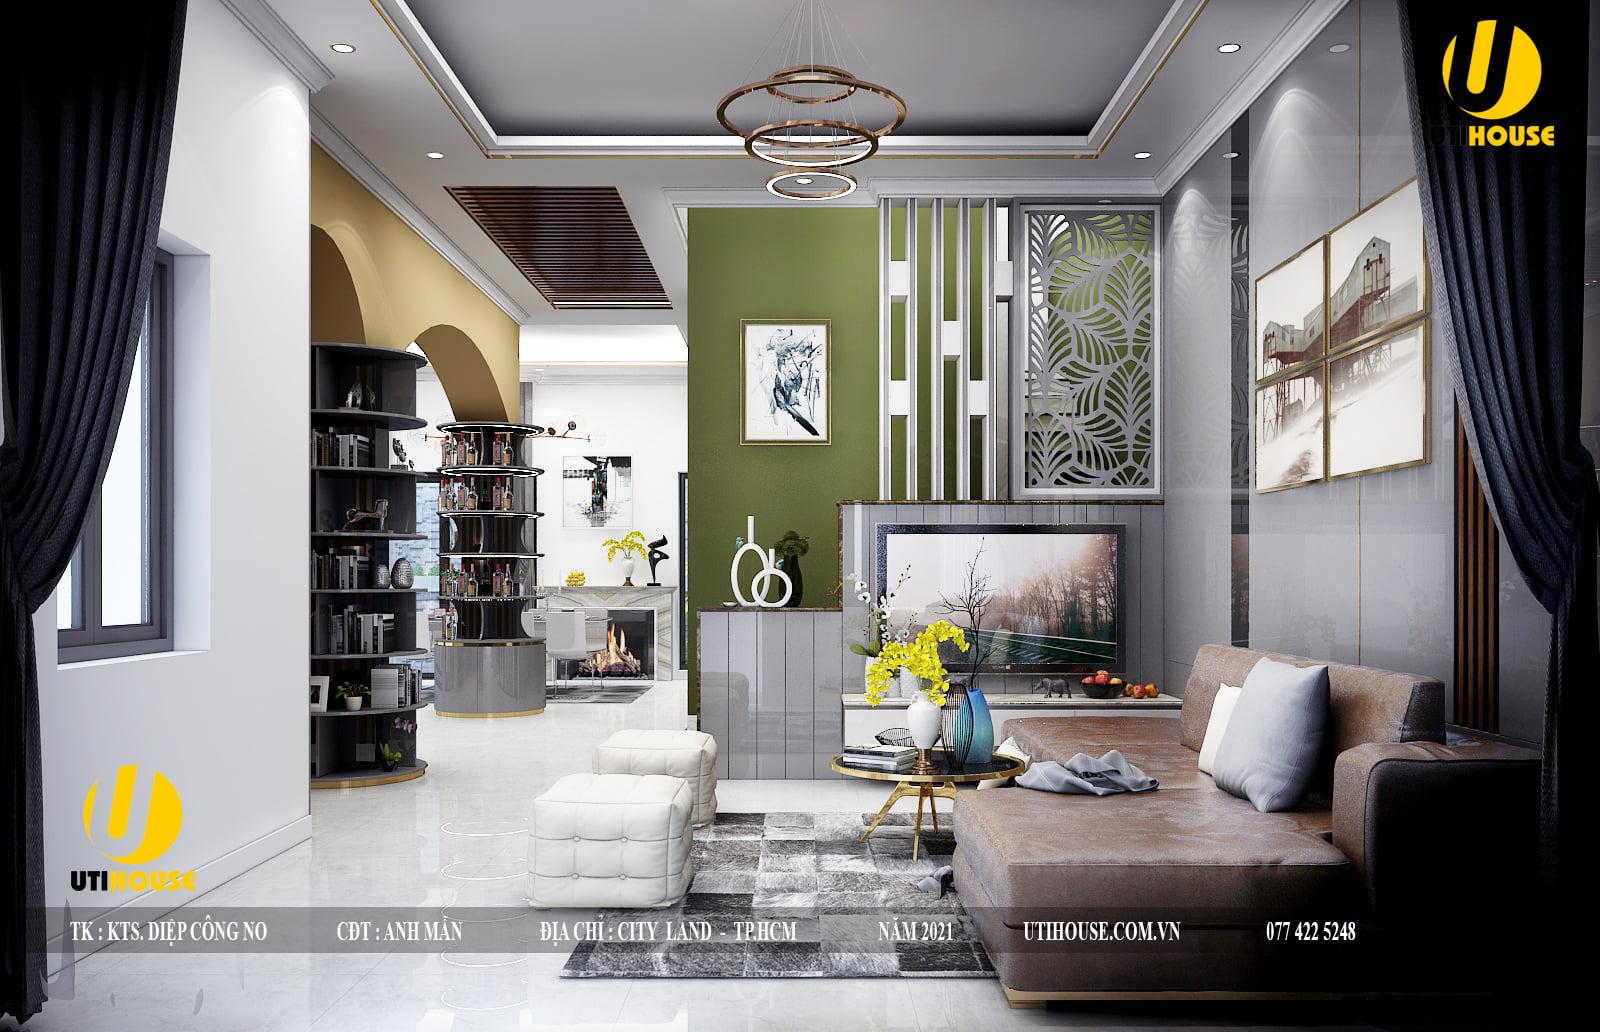 Mẫu thiết kế nội thất độc lạ, dùng đồ họa hình học trong trang trí